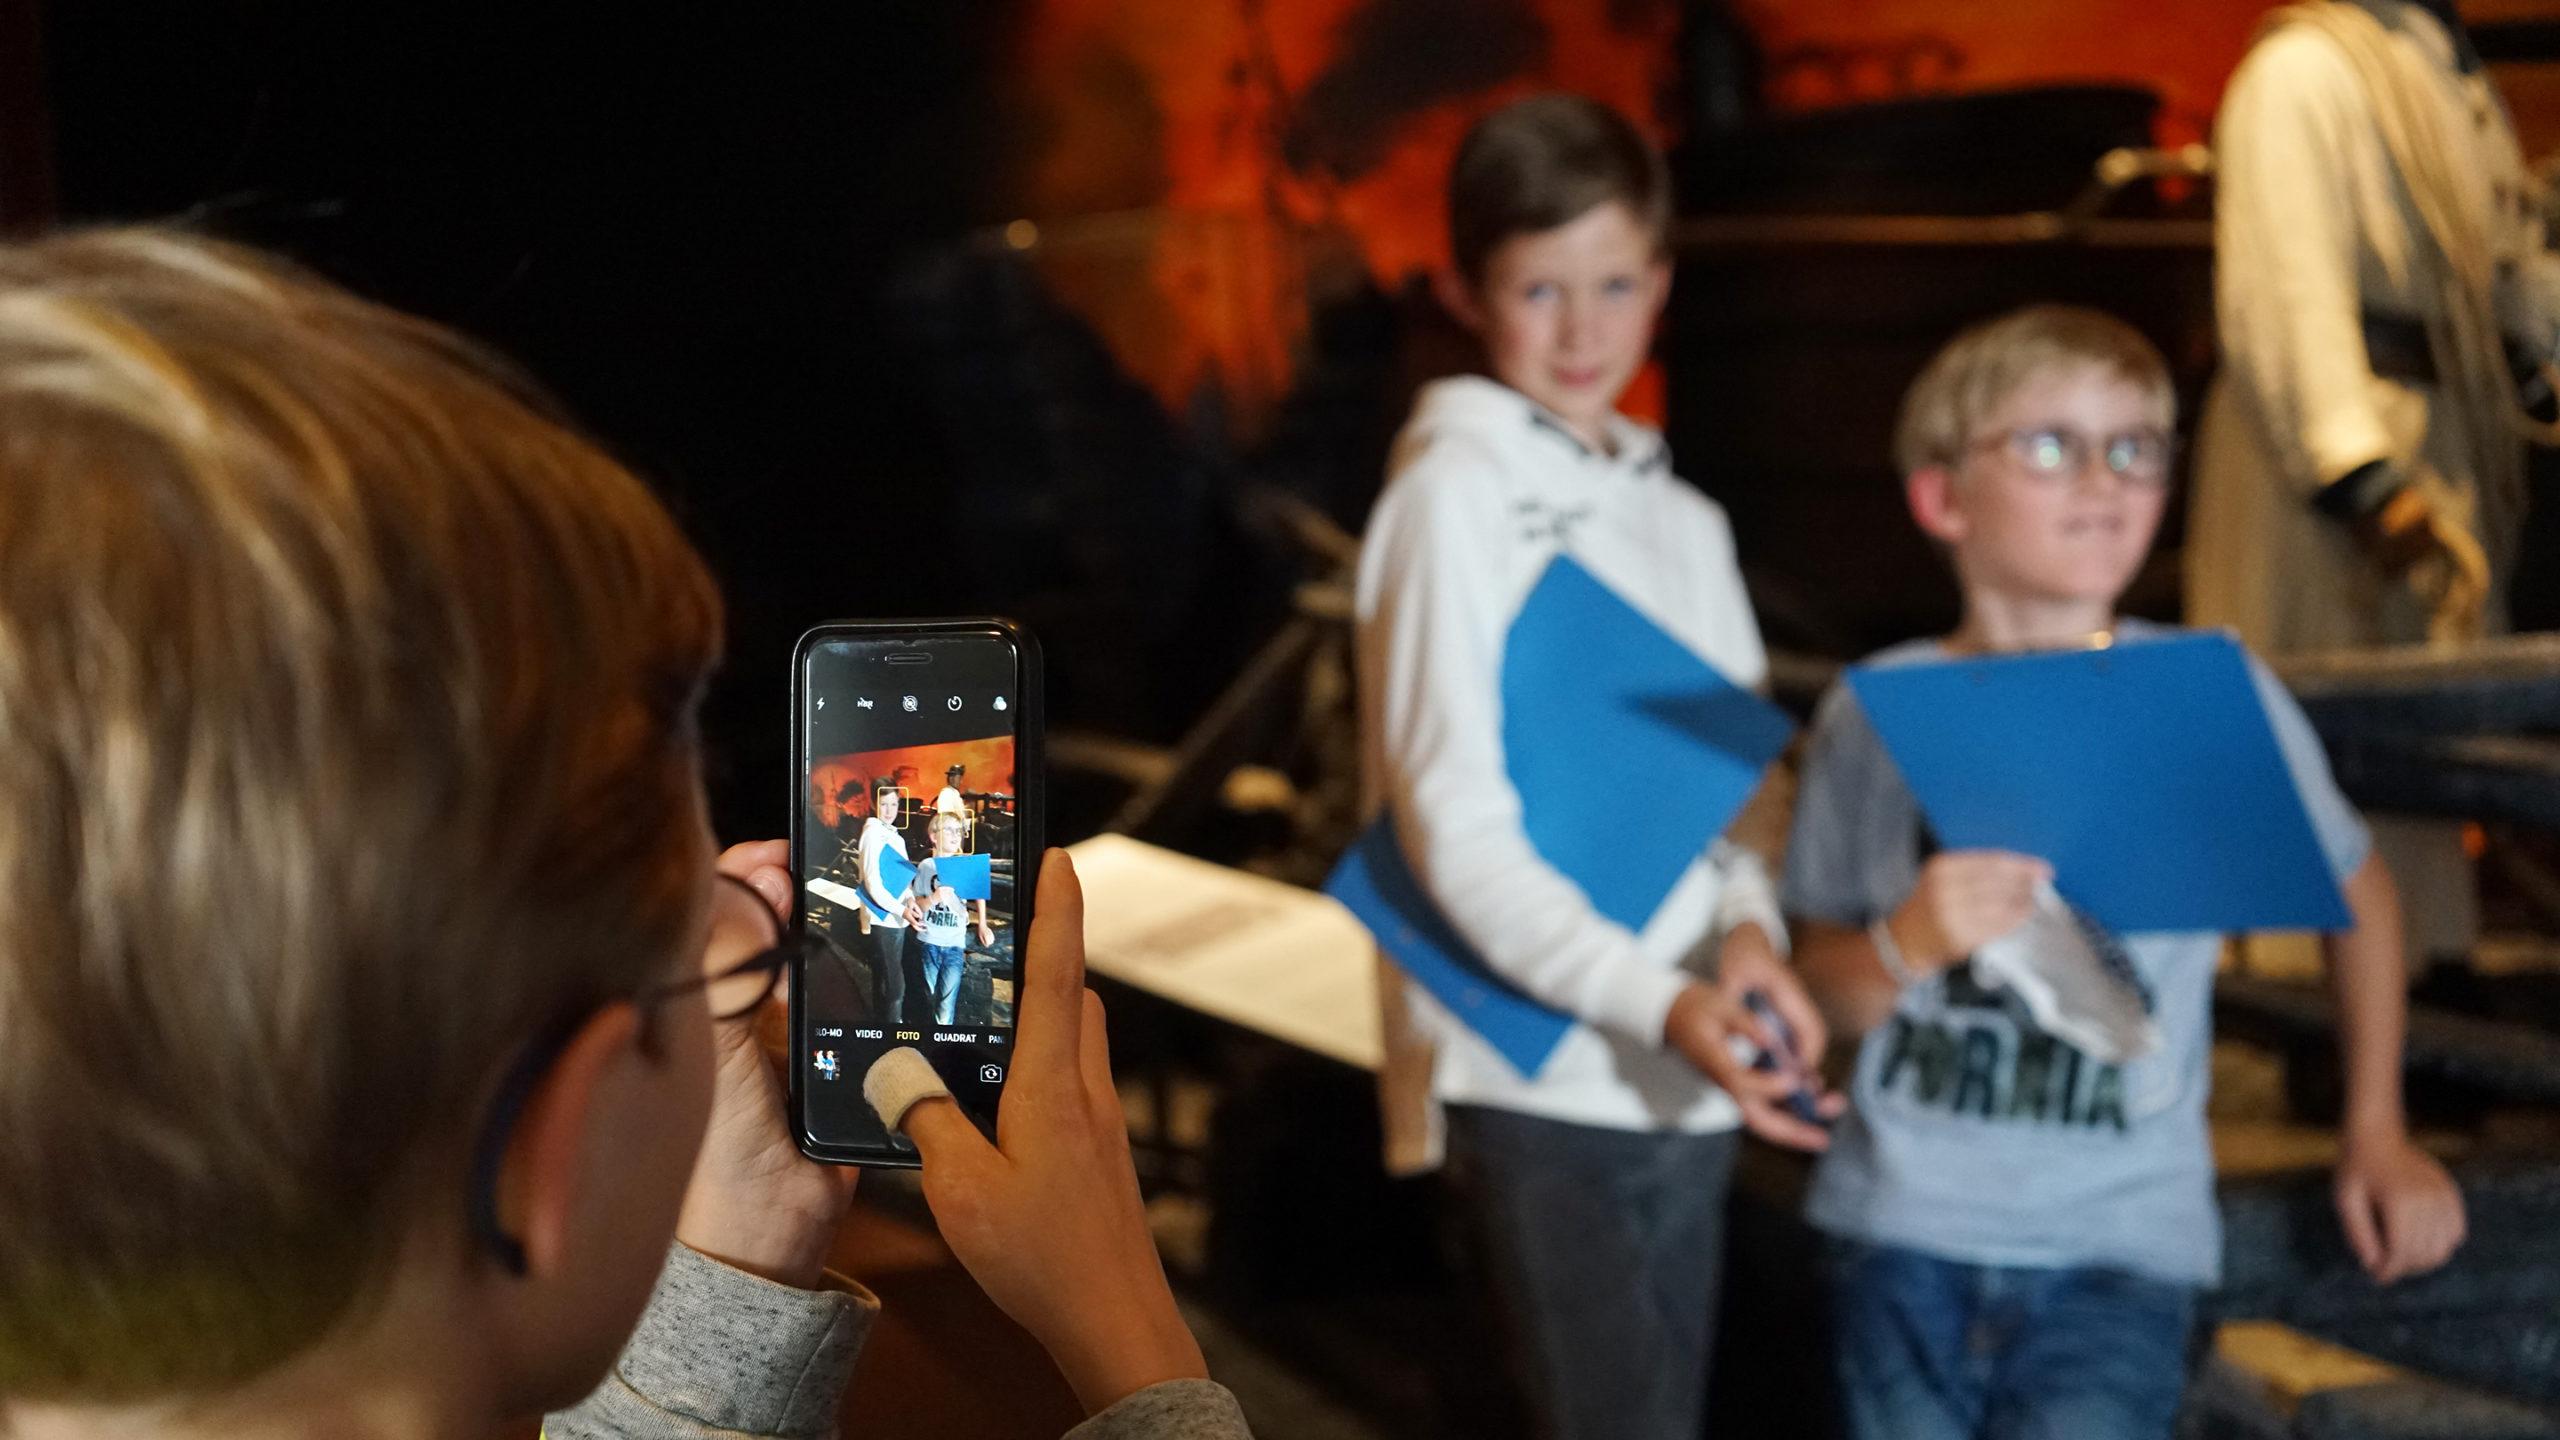 Ein Kind fotografiert zwei andere Kinder mit dem Smartphone vor der Rekonstruktion Der Große Brand in Hamburg 1842, Museum für Hamburgische Geschichte